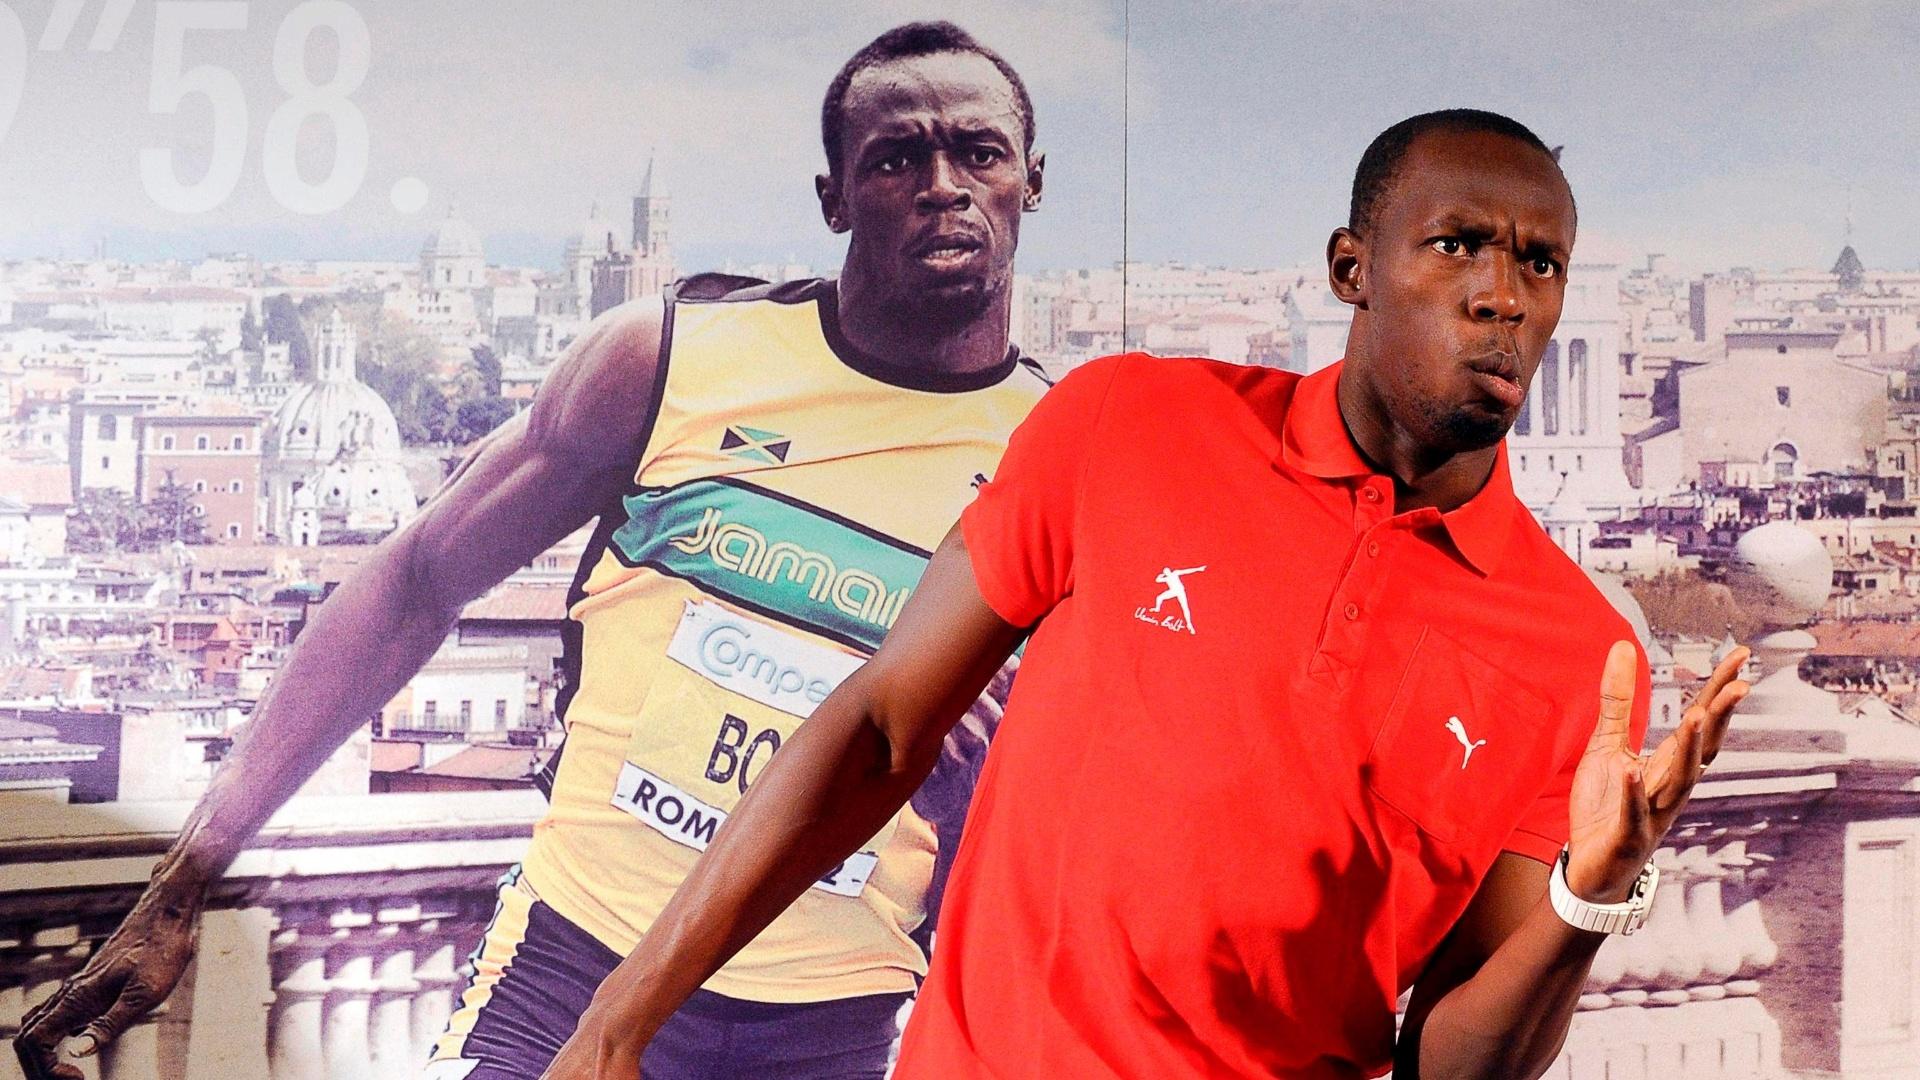 Usain Bolt faz pose em frente a um cartaz com a sua imagem em Roma, onde ele disputa a Liga de Diamante